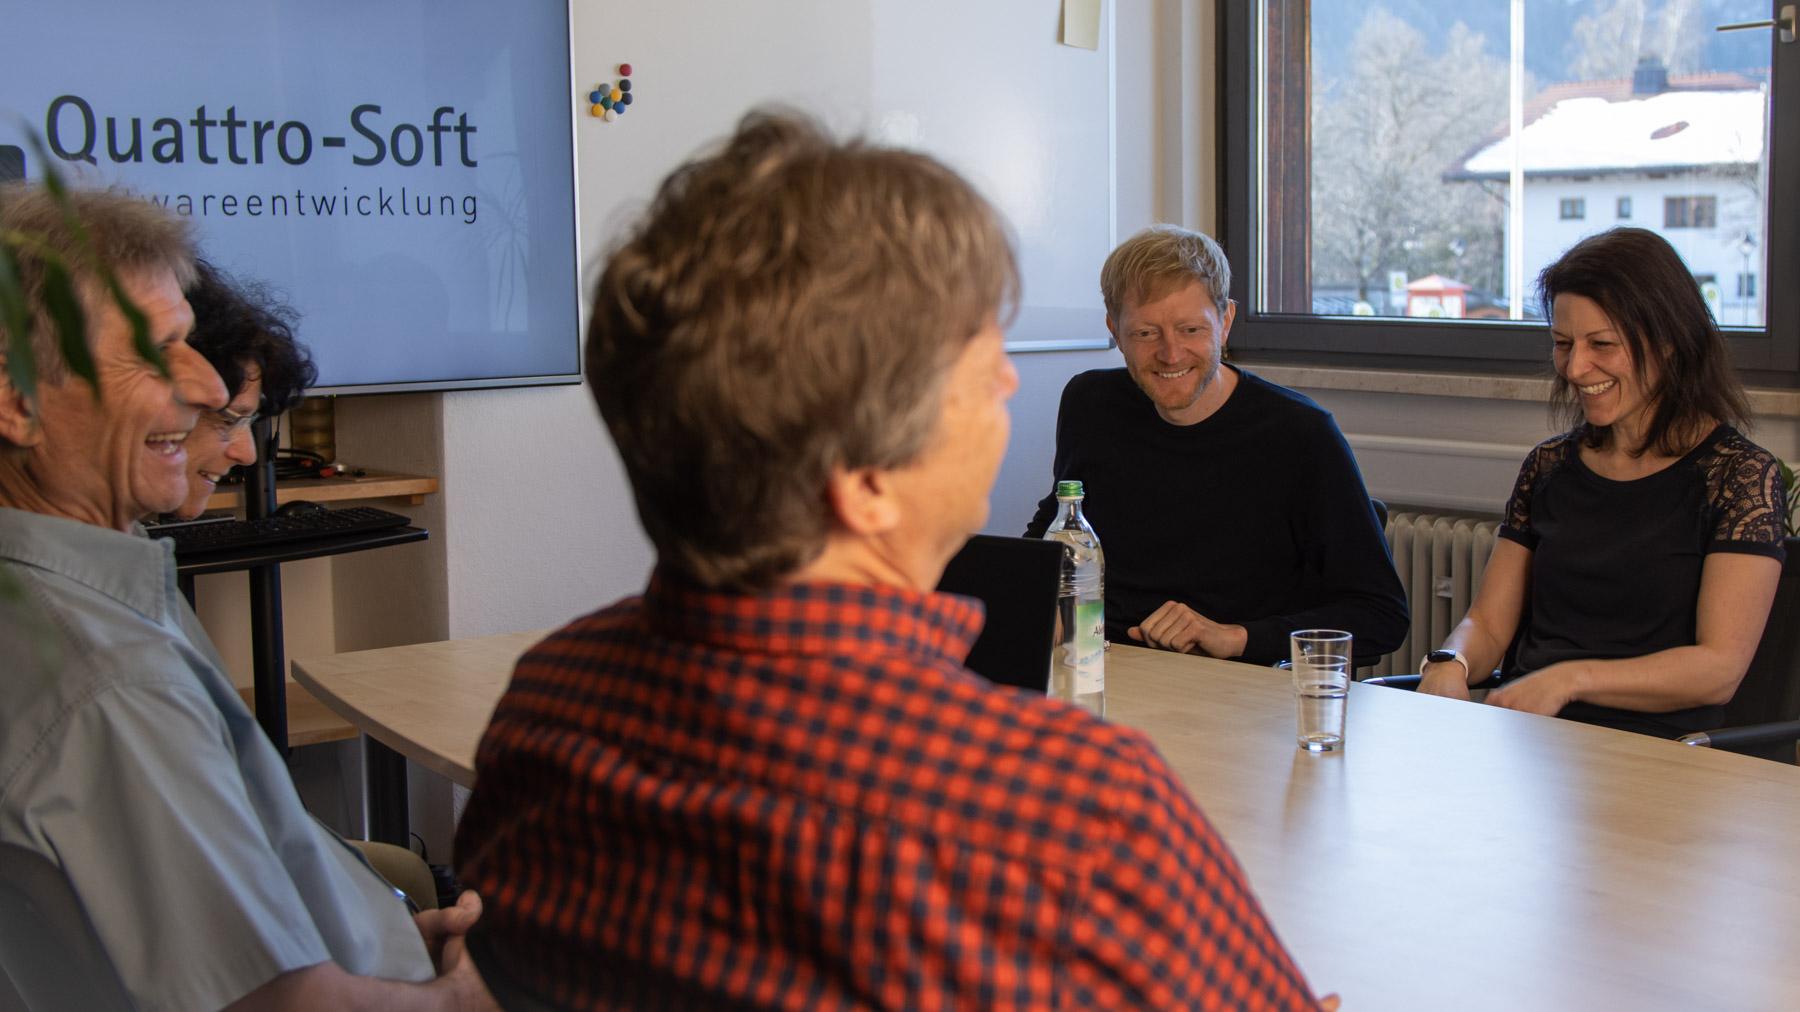 Ein Teil des Quattro-Soft-Teams bei einer Besprechung.